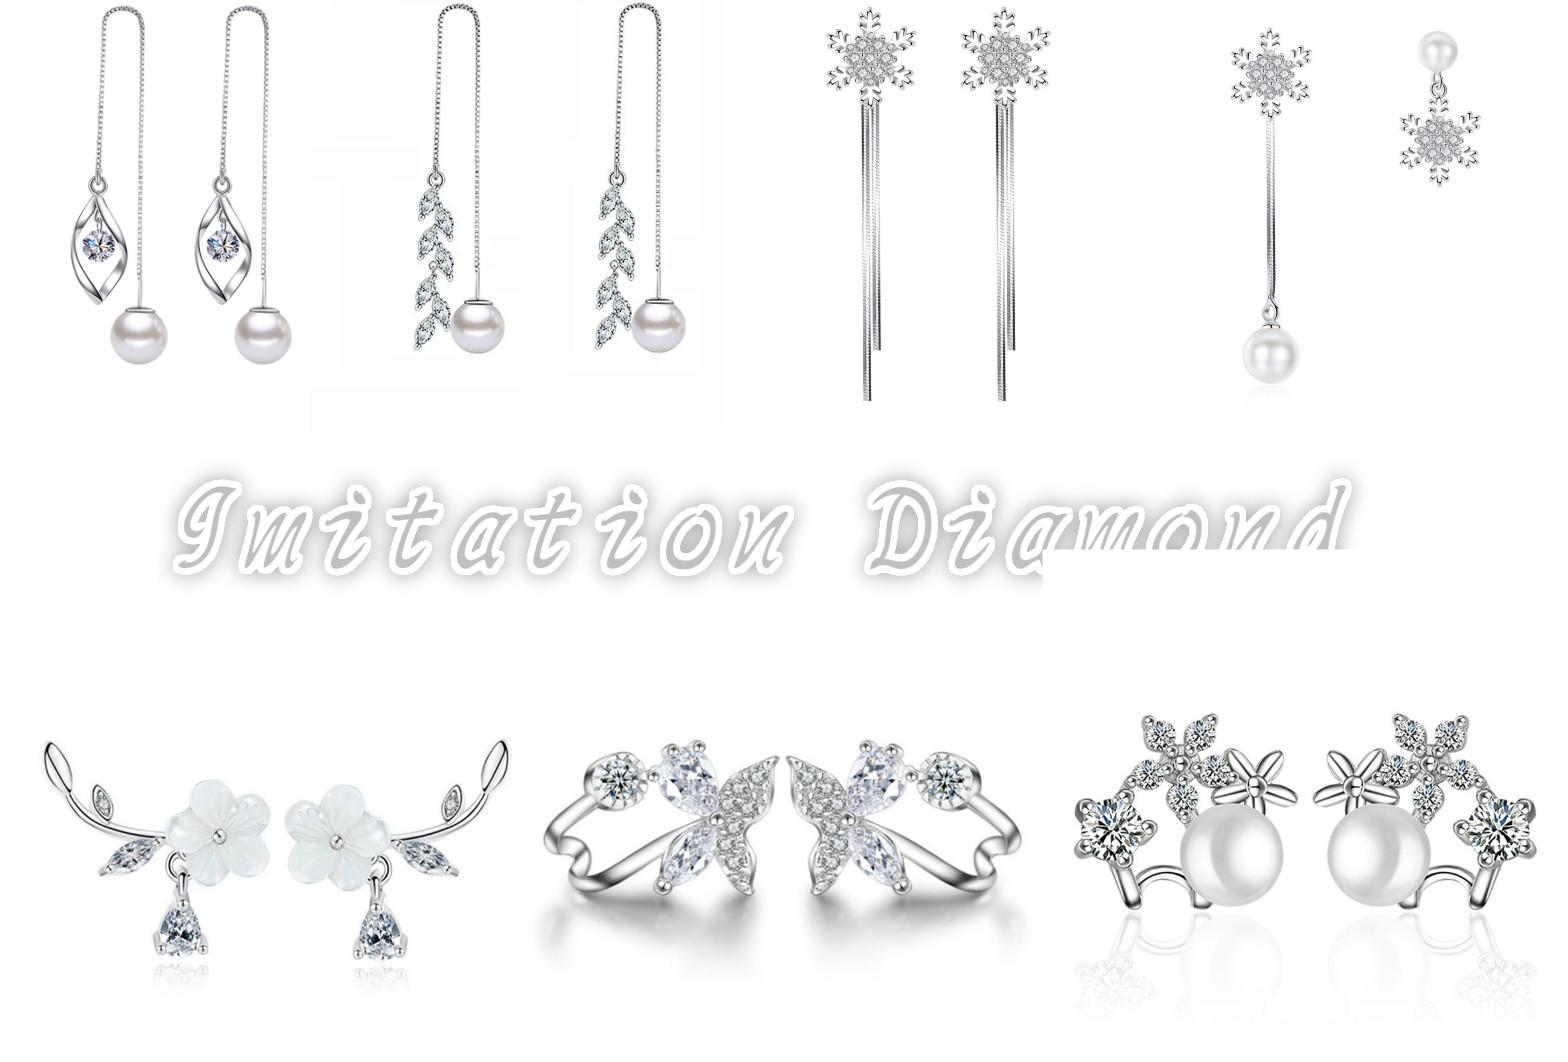 Imitation Diamond